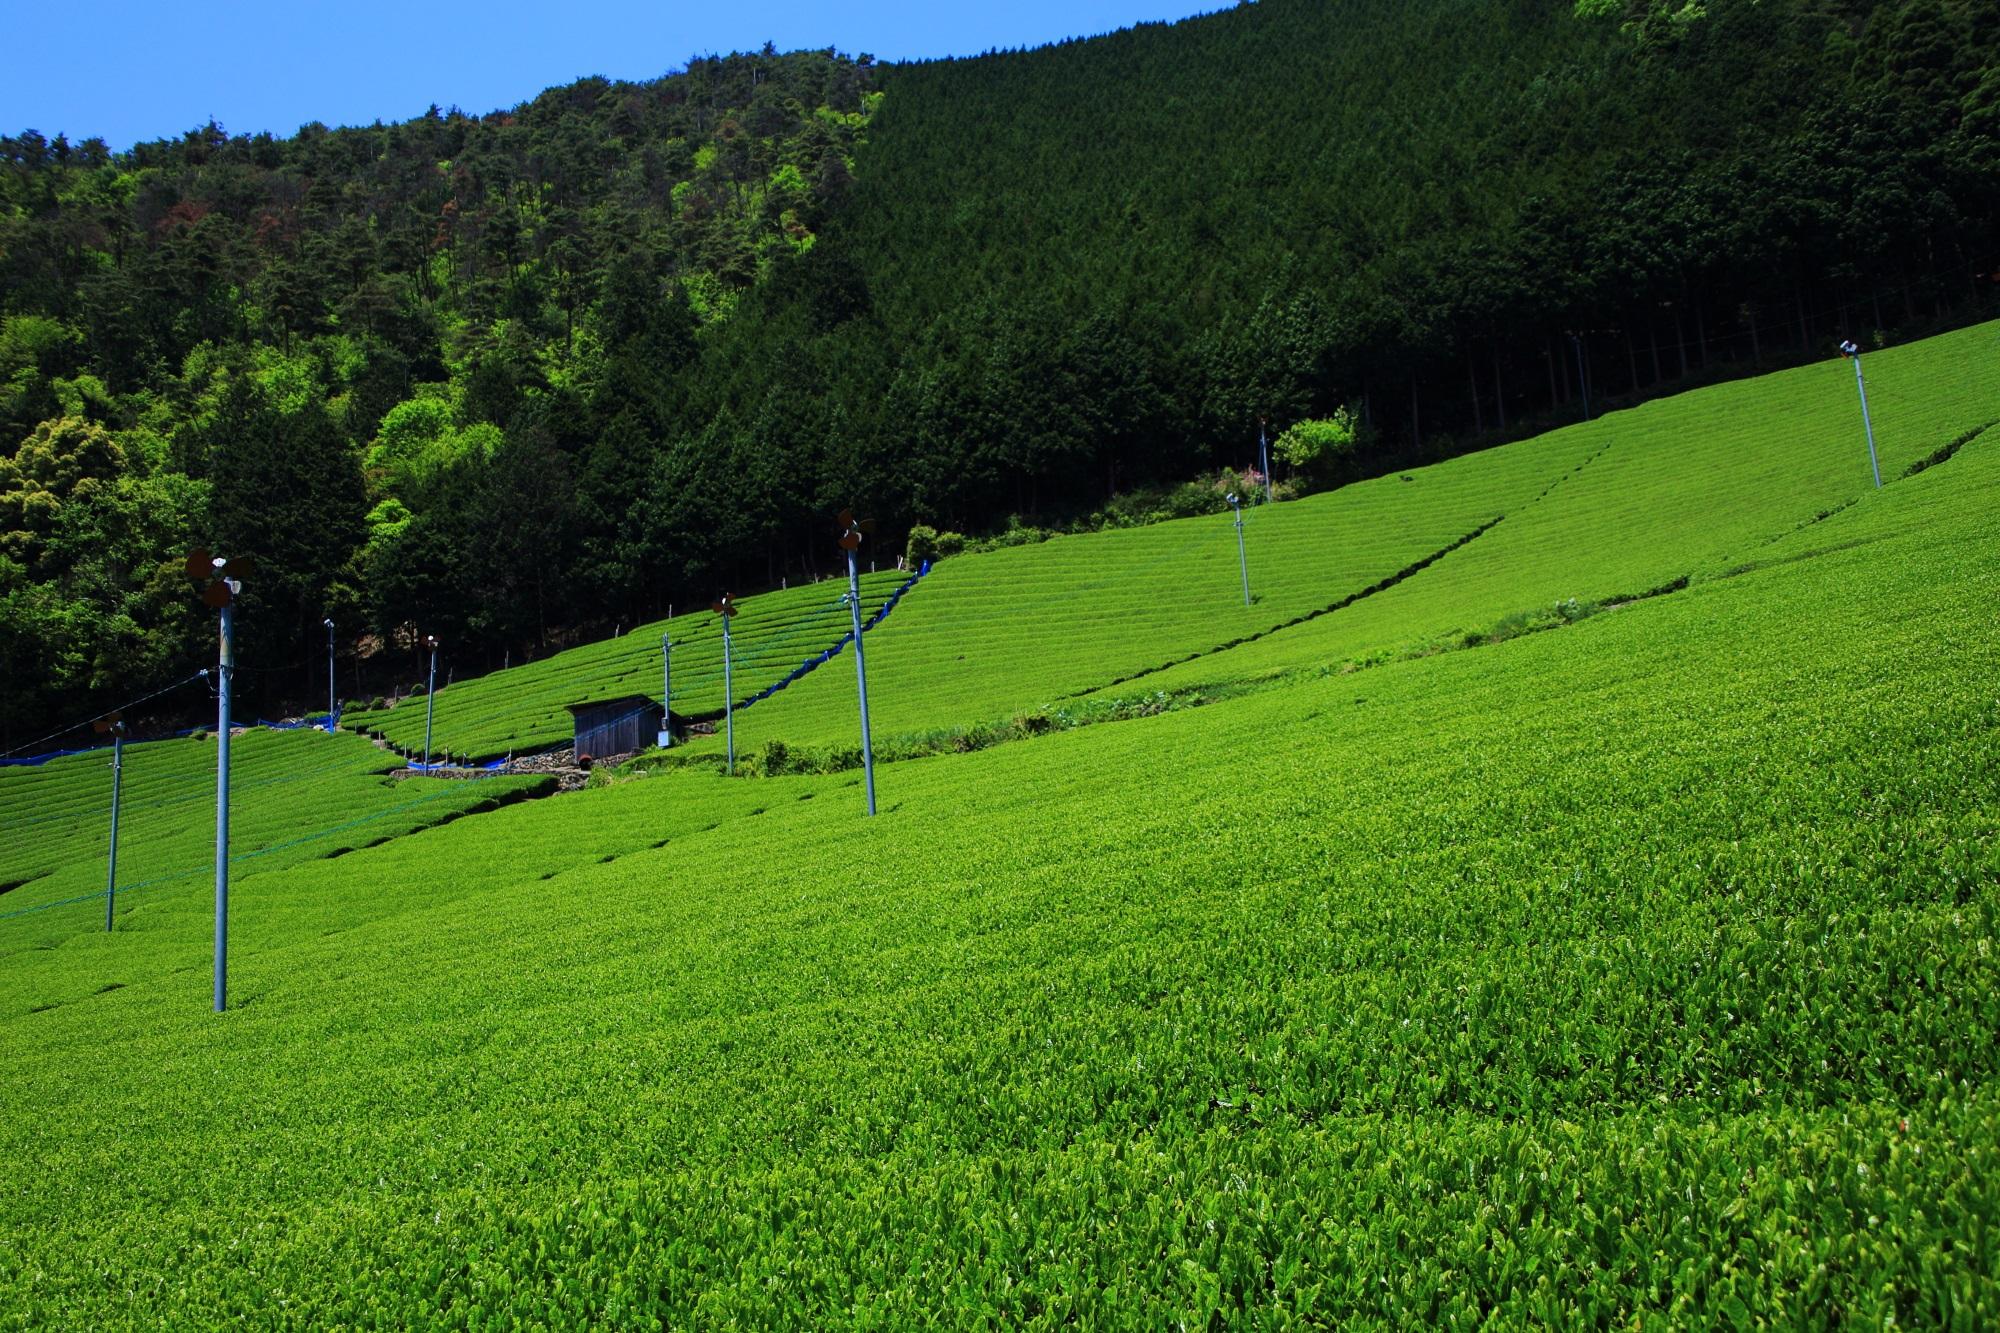 山の木々の濃い緑とお茶畑の淡い緑の綺麗なコントラスト